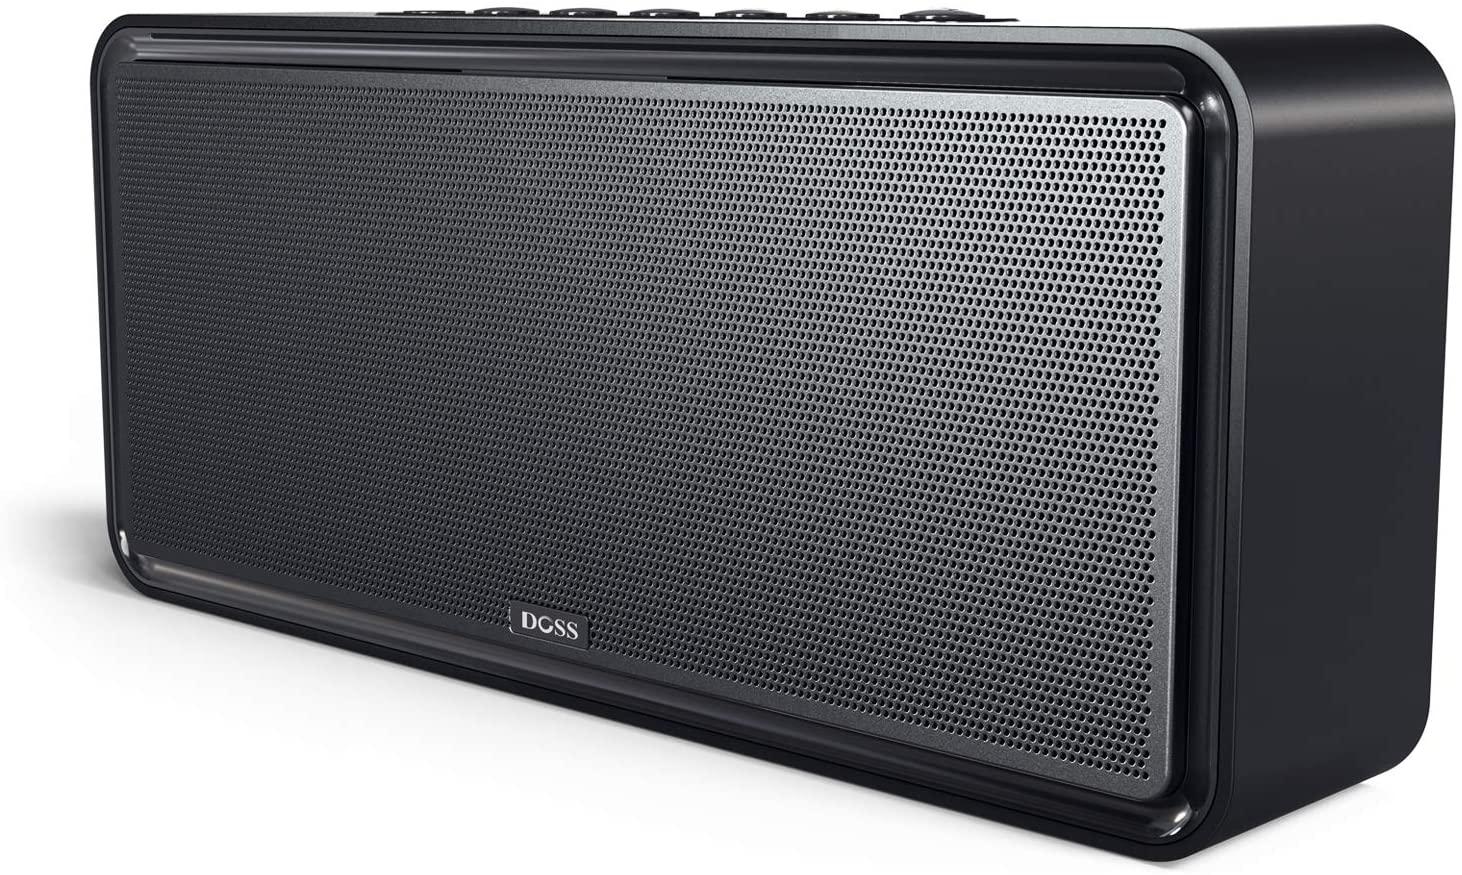 Análisis altavoz DOSS SoundBox XL